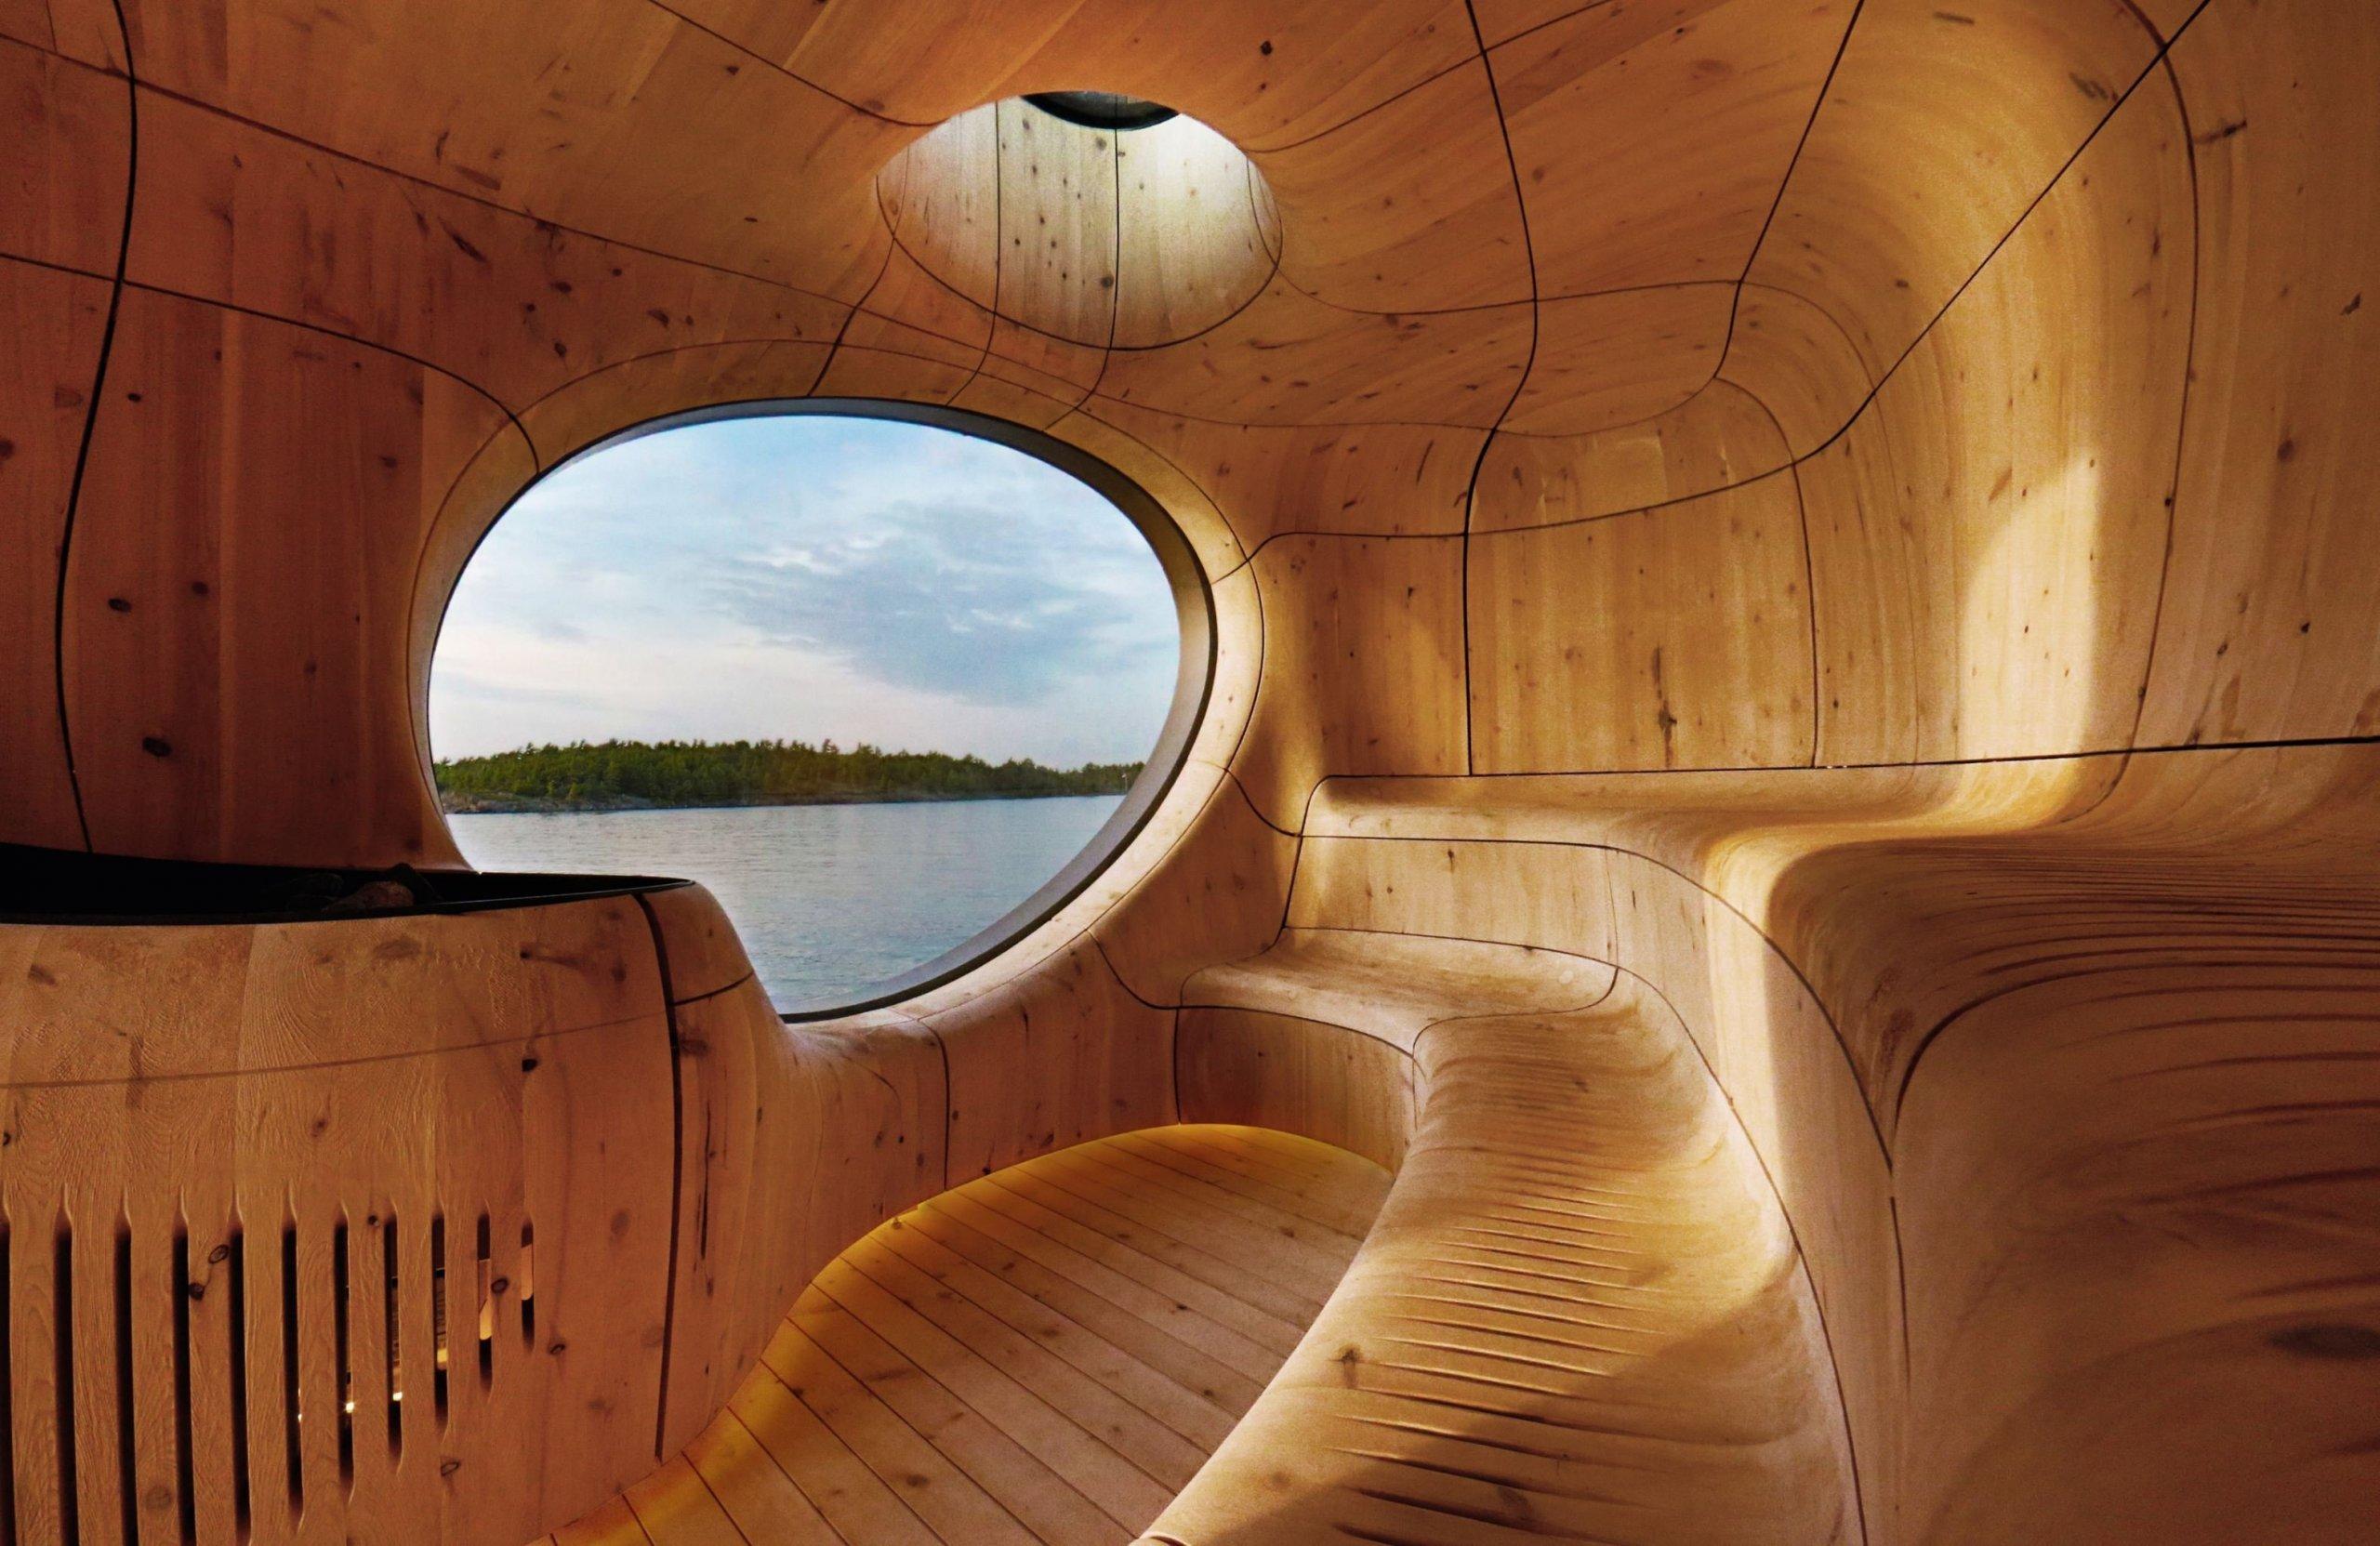 Netradiční sauna s výhledem na jezero